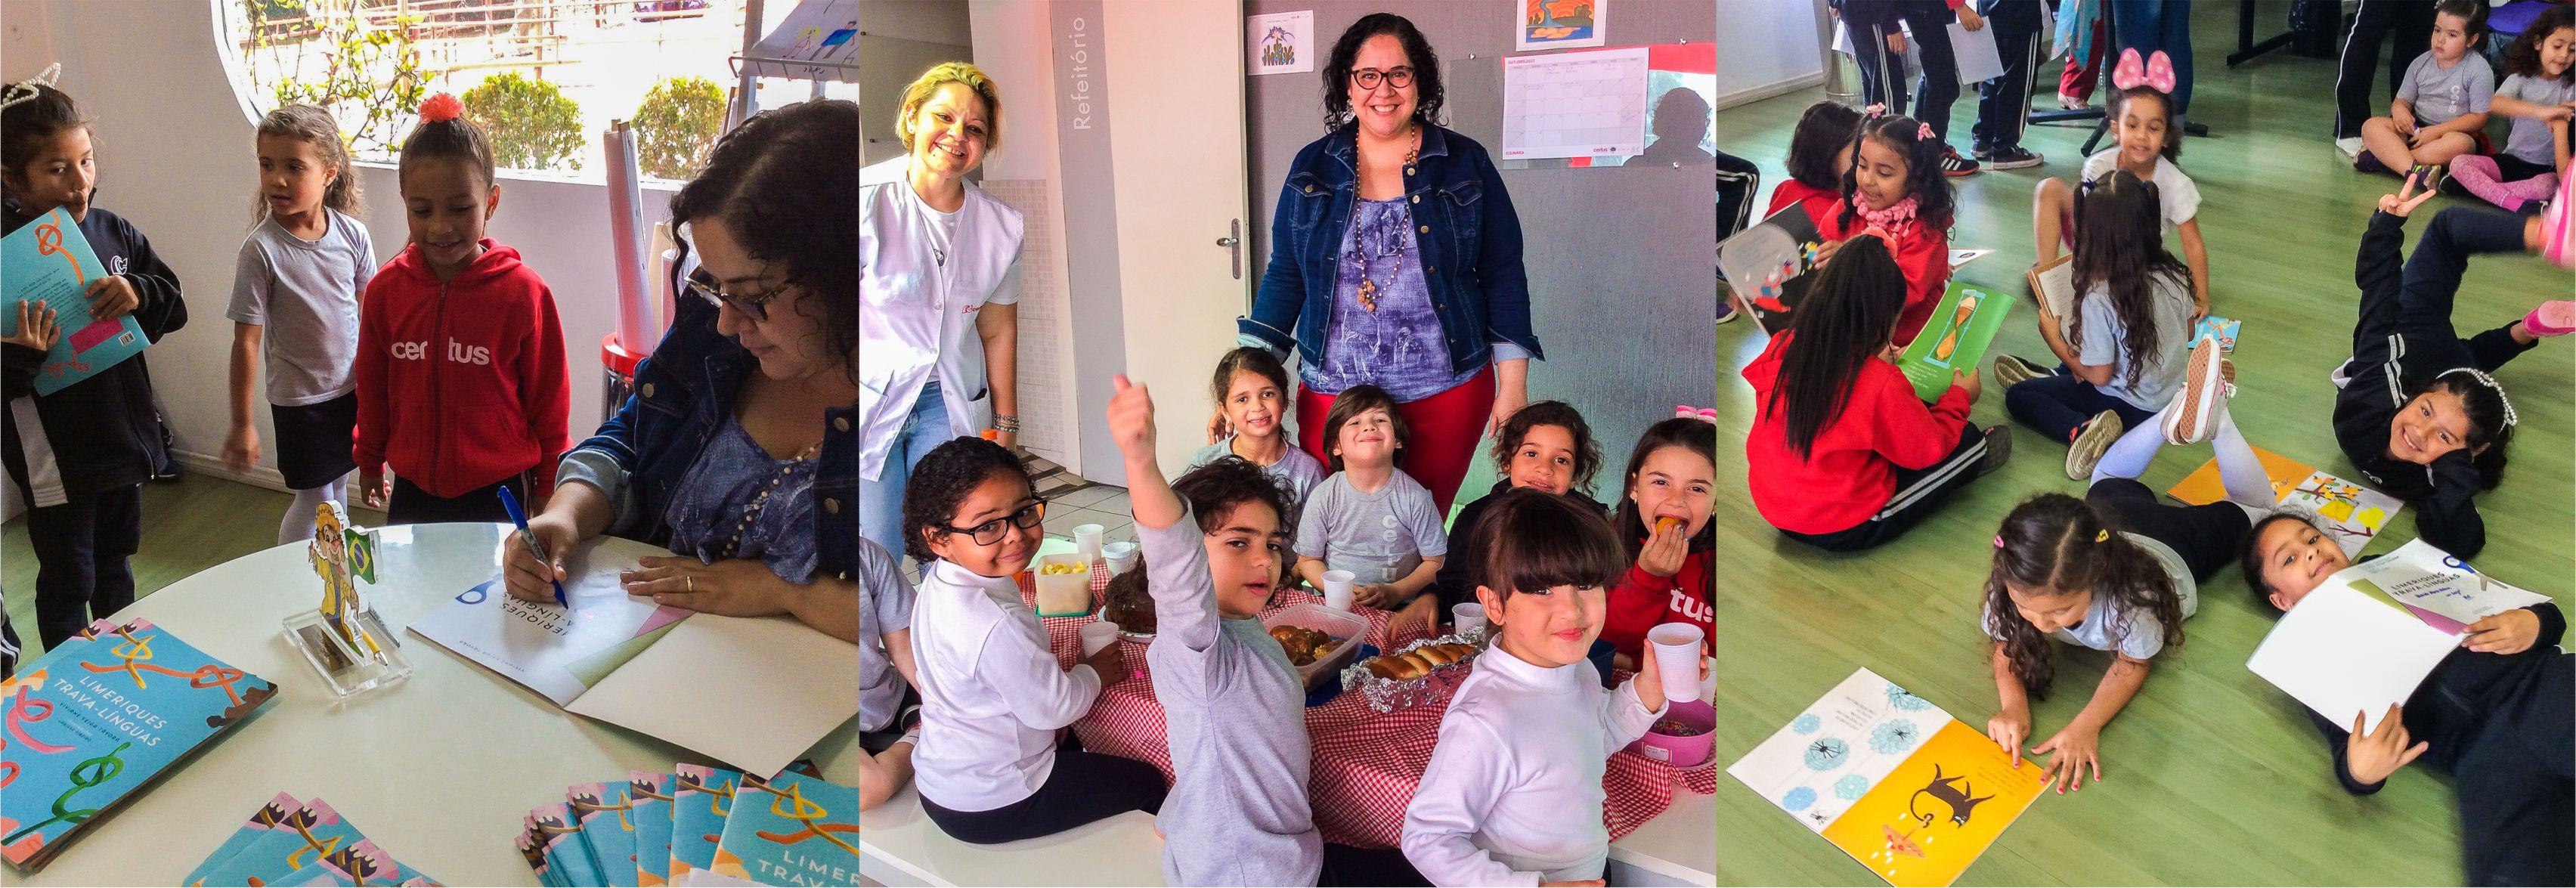 Autora Viviane Veiga Távora do livro Limeriques trava-línguas visita alunos do Pré e fazem uma tarde de piquenique com autógrafos em ação do Balaio de leitura da educação infantil do Certus